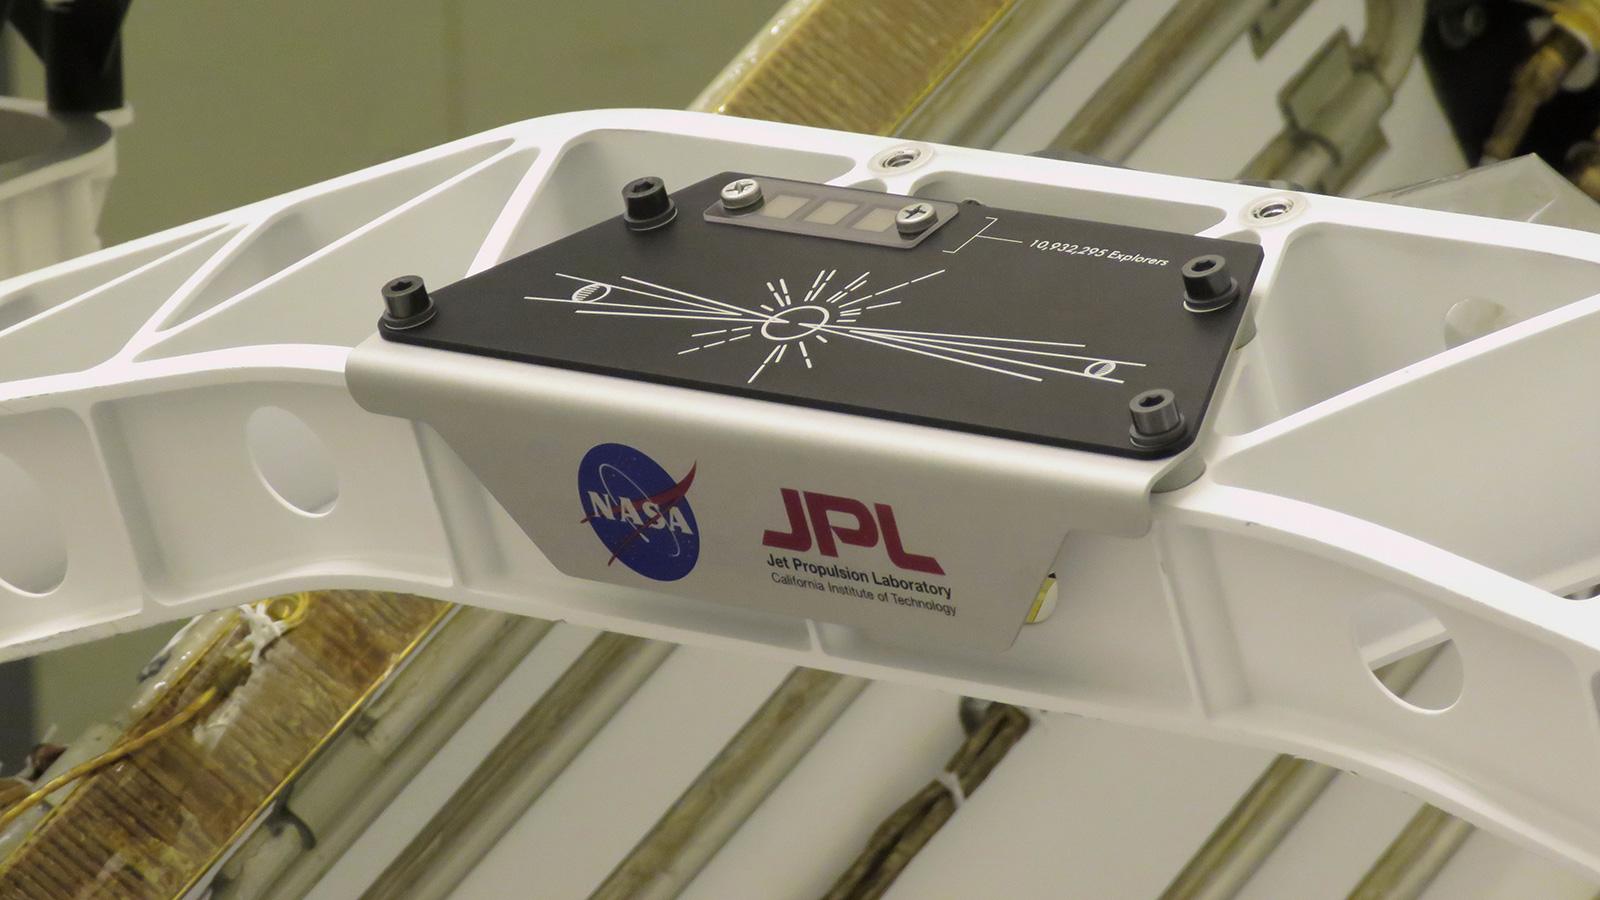 """Une pancarte commémorant la NASA """"Envoyez votre nom sur Mars"""" La campagne a été installée sur le rover Perseverance Mars le 16 mars 2020 au Kennedy Space Center.  Trois puces de silicium (coin supérieur gauche) ont été marquées au pochoir avec 10932295 noms et les essais de 155 finalistes de la NASA. """"Nommez le Rover"""" concours."""